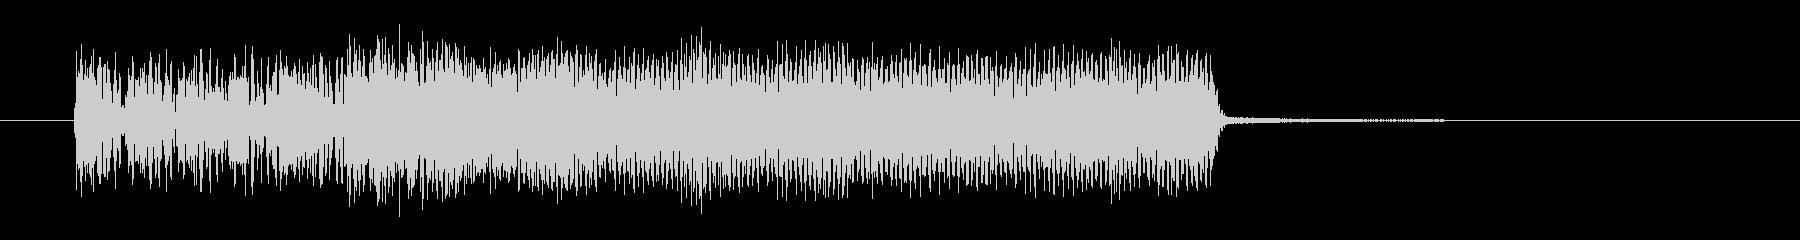 潰れたような音のショートサウンドの未再生の波形